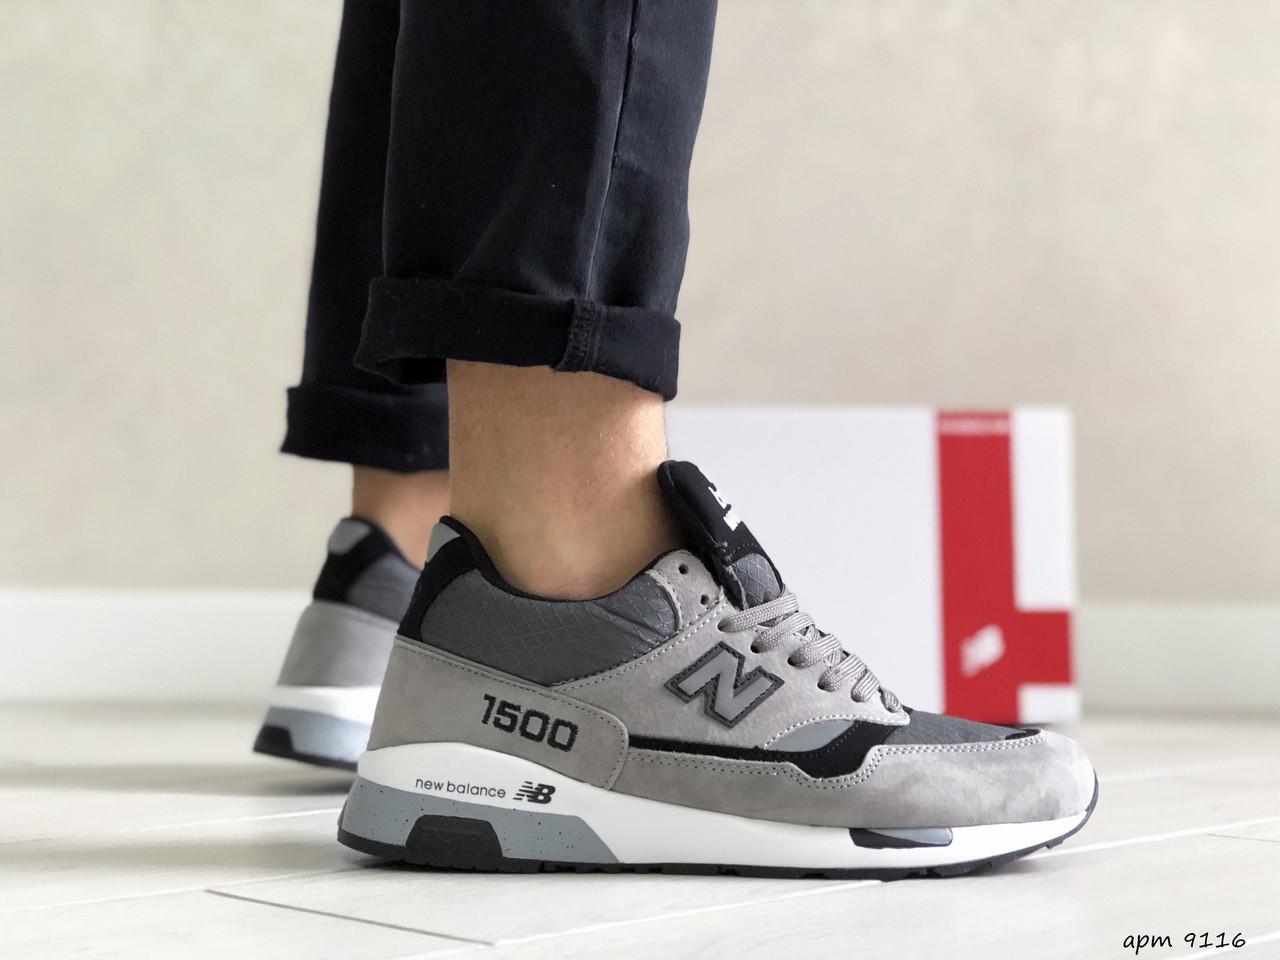 Чоловічі кросівки New Balance 1500 ВЕЛИКОБРИТАНІЯ (сірі) 9116